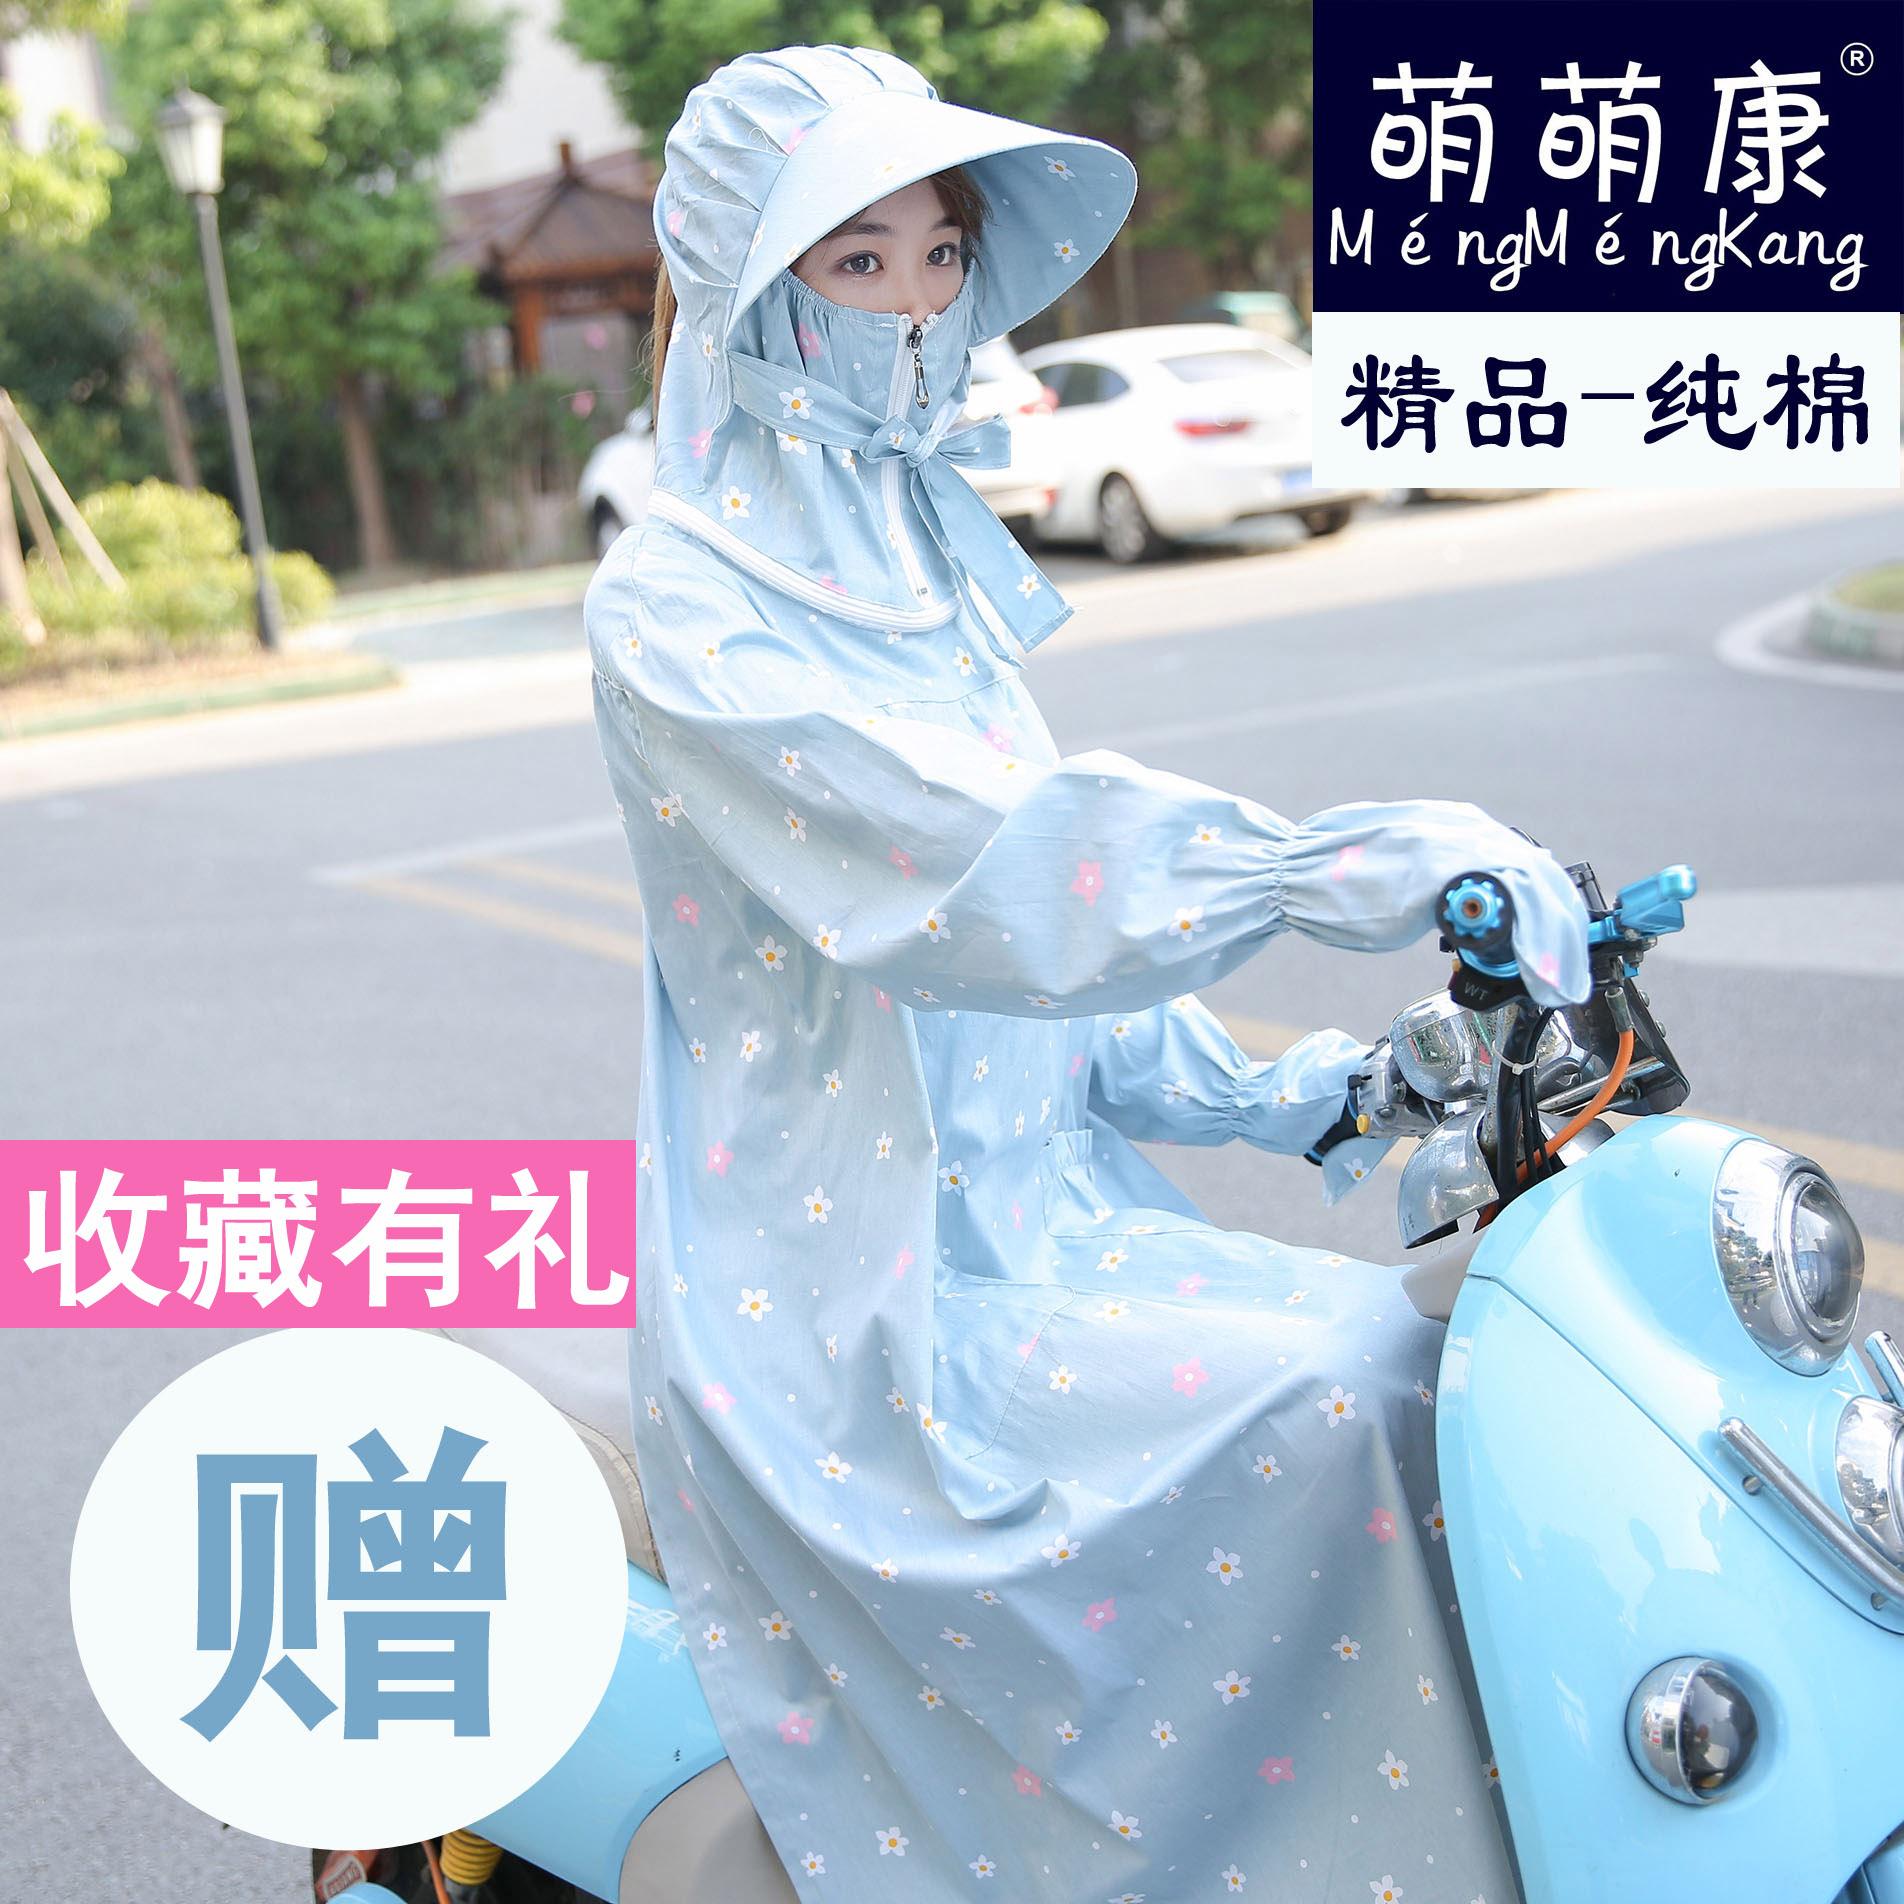 Цикл солнцезащитный одежды женщина лето все тело электромобиль длина хлопок защита от ультрафиолетовых лучей мотоцикл затенение одежда шаль